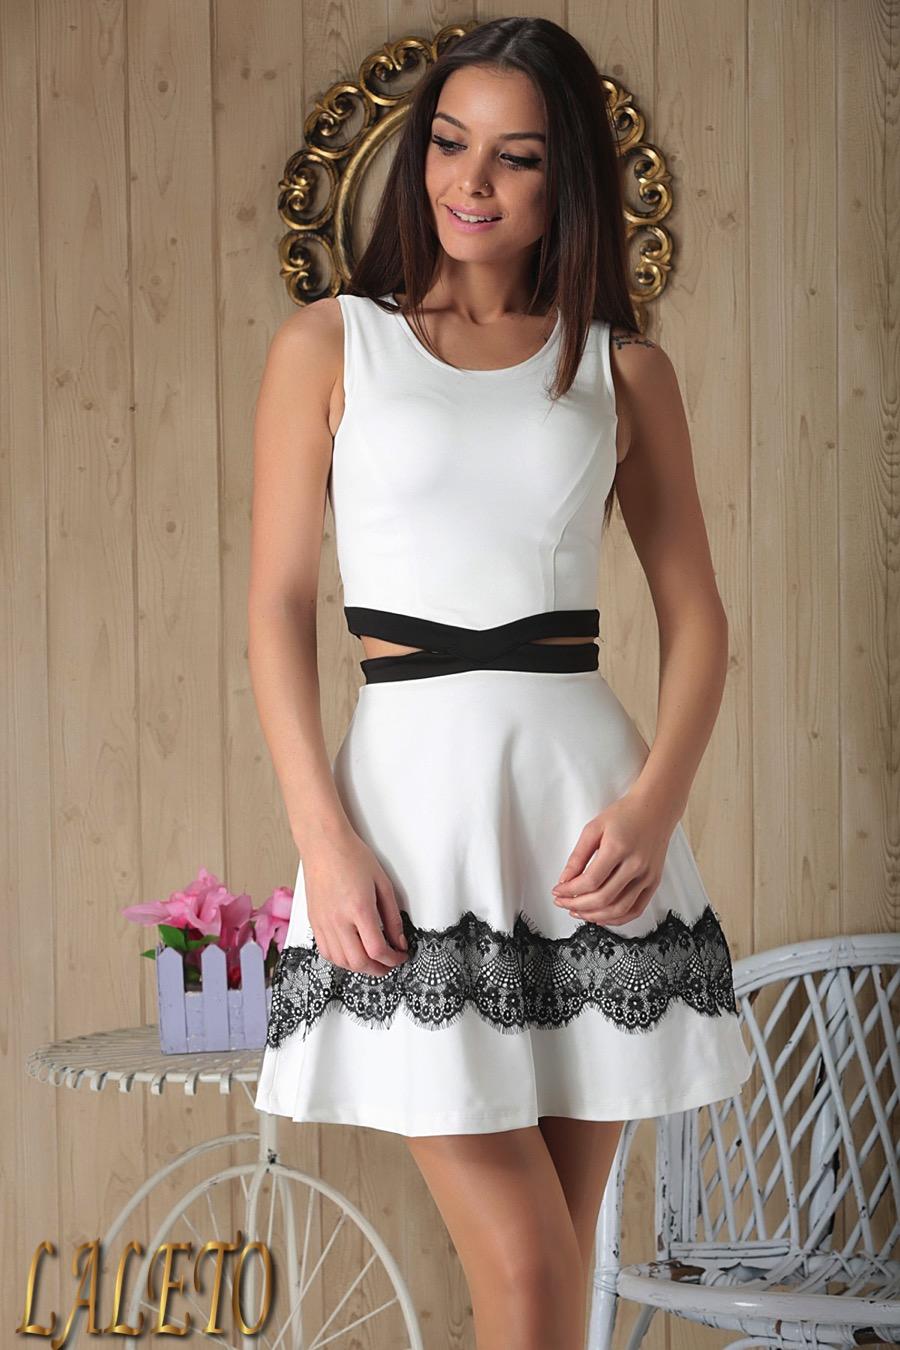 e22d203ae84 Все още ли не сте чули за новия магазин за дамски дрехи, който предлага  невероятни рокли? Ако още не сте чули или прочели за него, сега е моментът,  ...